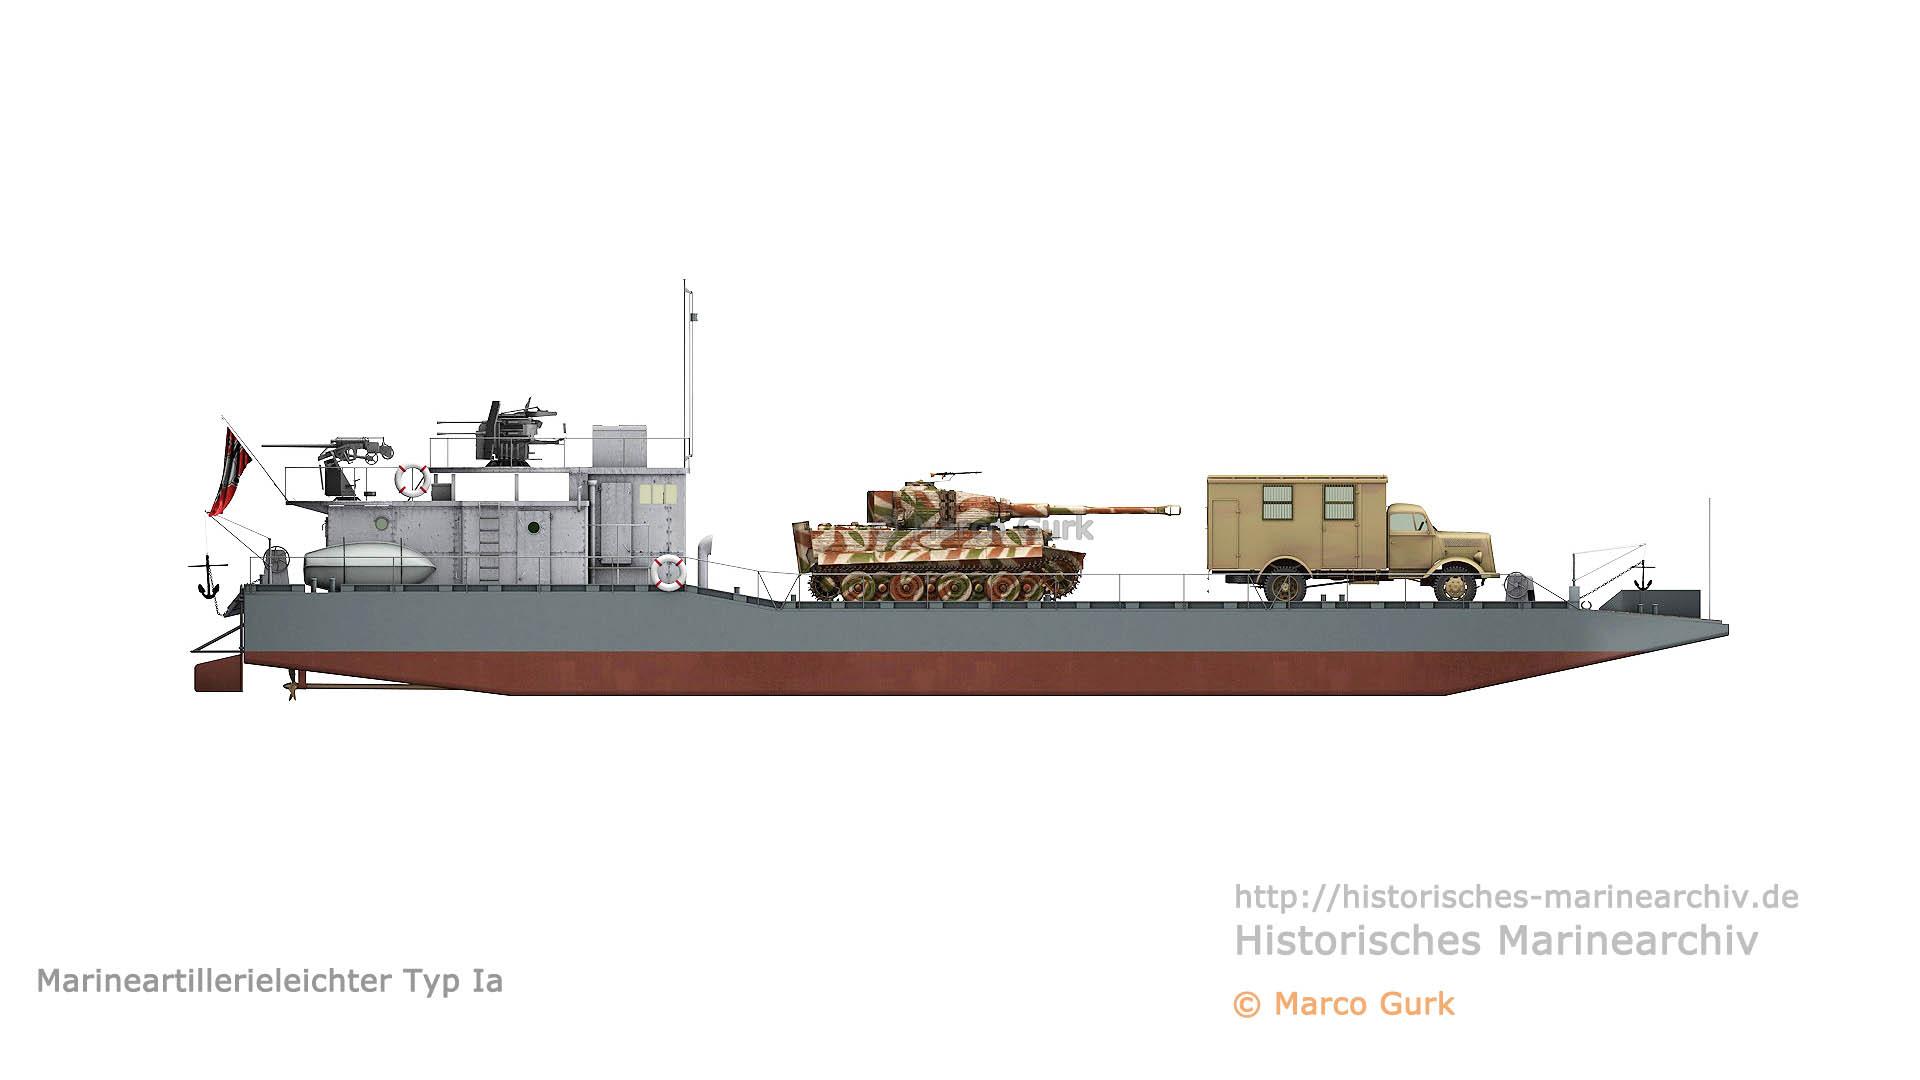 https://www.historisches-marinearchiv.de/ablage/grafiken/gurk/MAL/MAL_TYP_Ia_seite_Transport.jpg